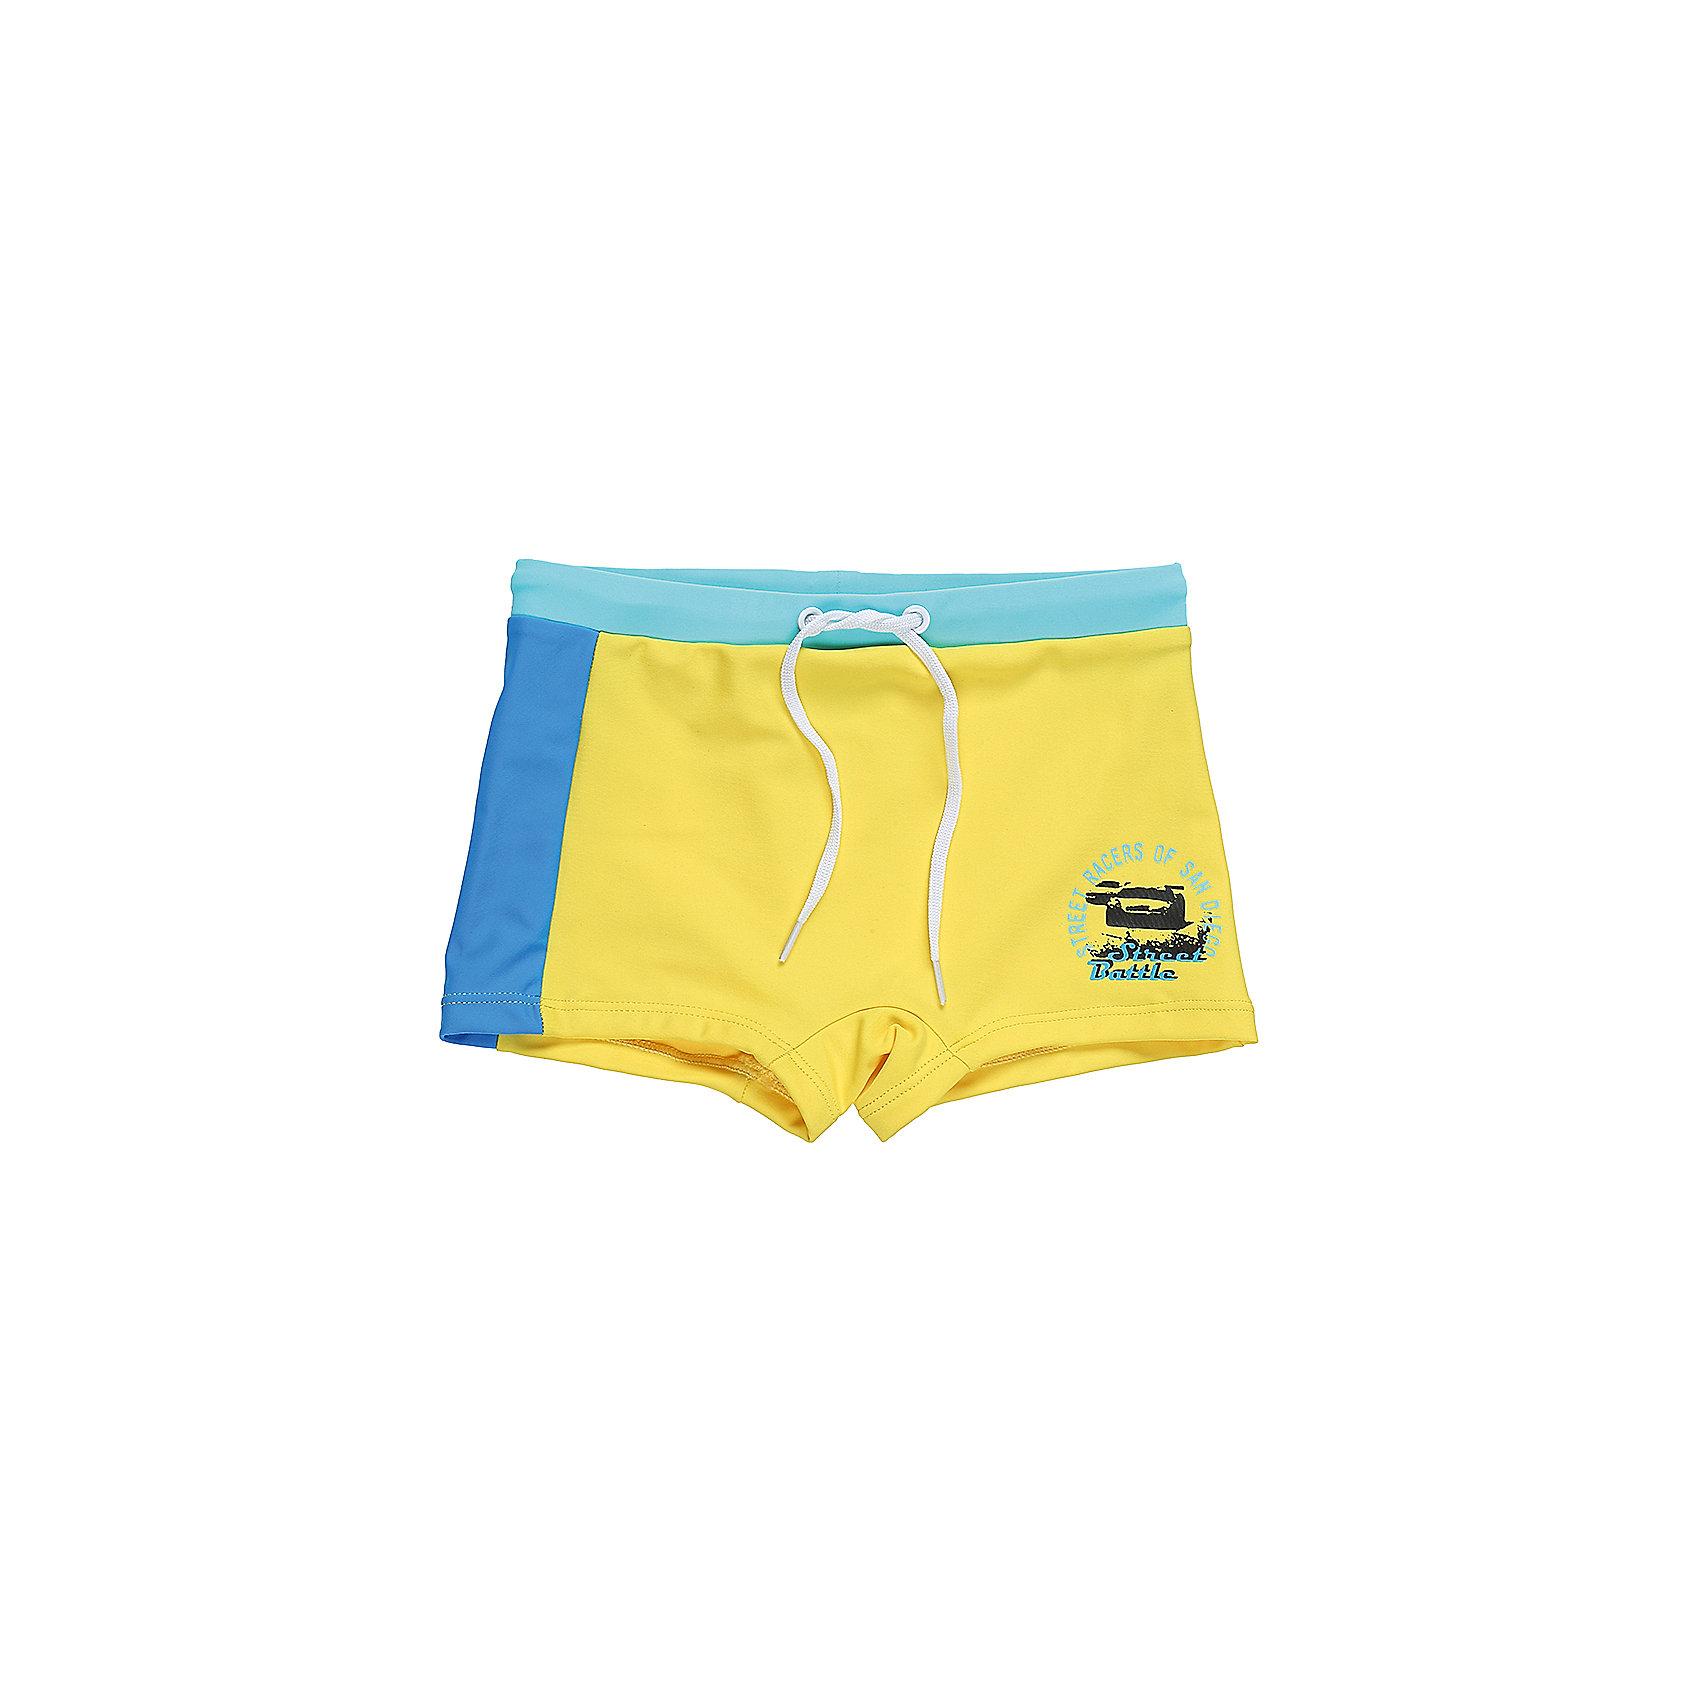 Плавки для мальчика Sweet BerryКлассические купальные плавки-шорты для мальчика с ярким принтом. Пояс-резинка дополнен шнуром для регулирования объема.<br>Состав:<br>85%нейлон 15% эластан<br><br>Ширина мм: 183<br>Глубина мм: 60<br>Высота мм: 135<br>Вес г: 119<br>Цвет: зеленый<br>Возраст от месяцев: 36<br>Возраст до месяцев: 48<br>Пол: Мужской<br>Возраст: Детский<br>Размер: 140,128,104,110,116<br>SKU: 5410708